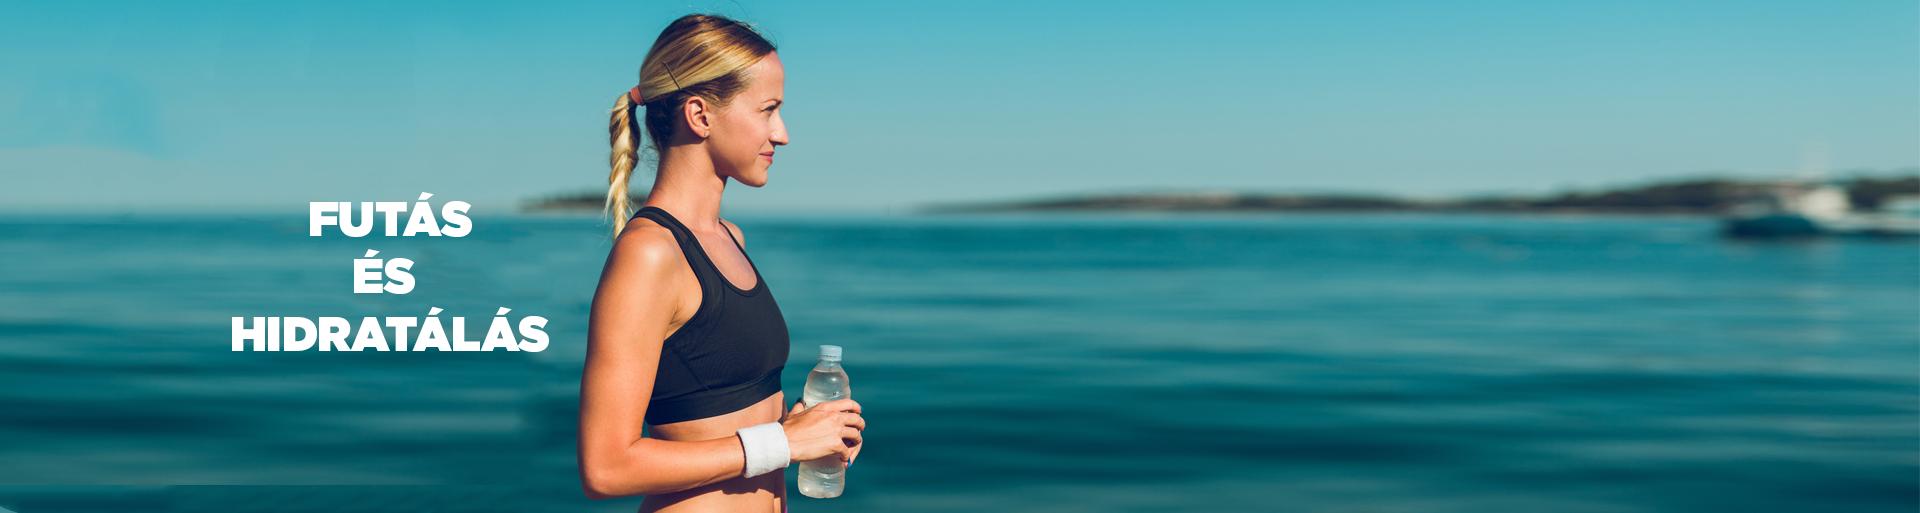 Futás és hidratálás